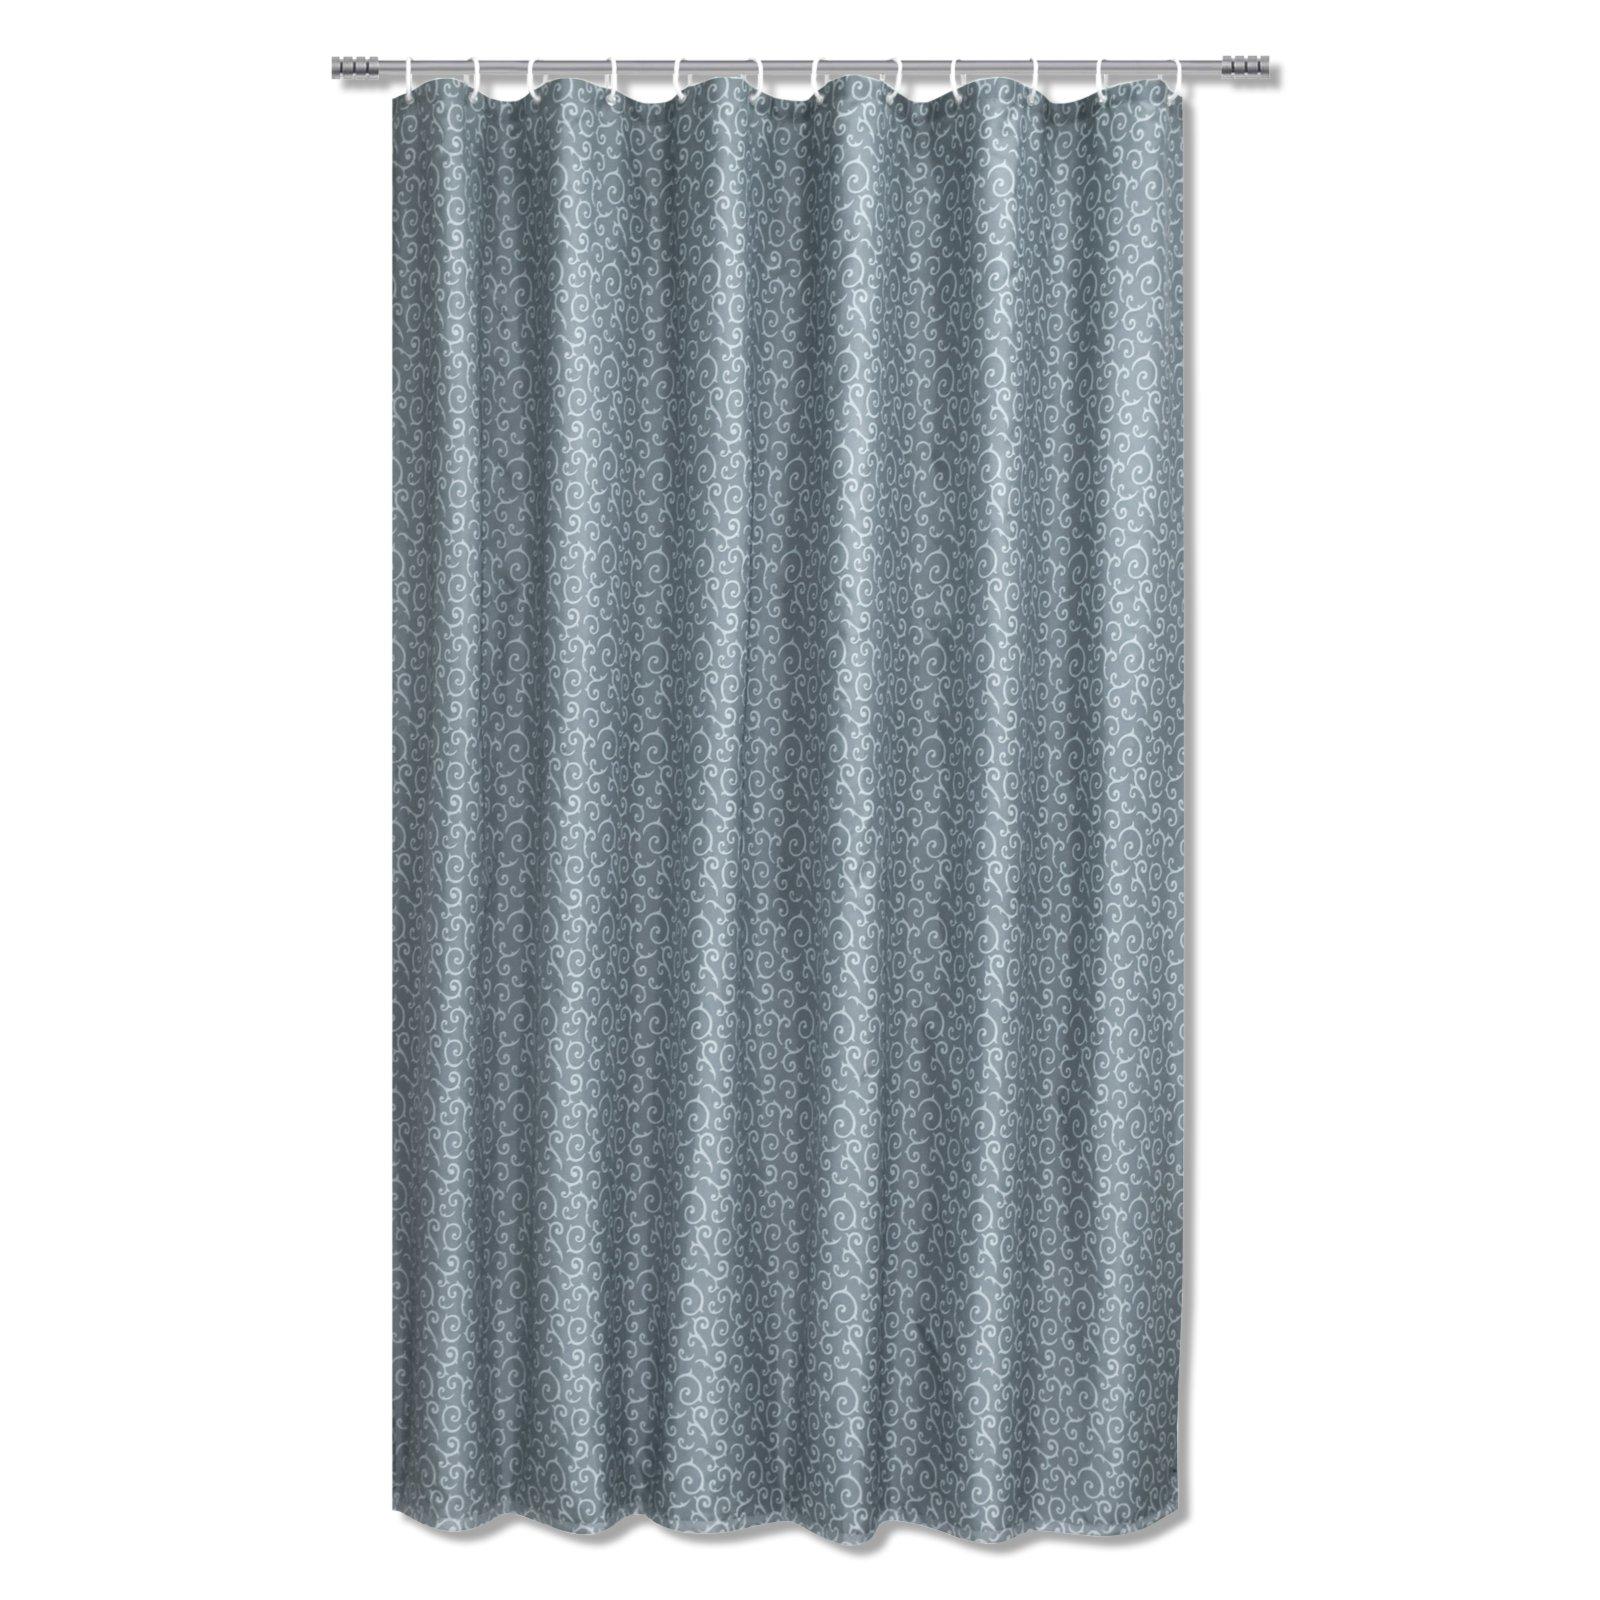 Duschvorhang grau preisvergleich - Schwarzer duschvorhang ...